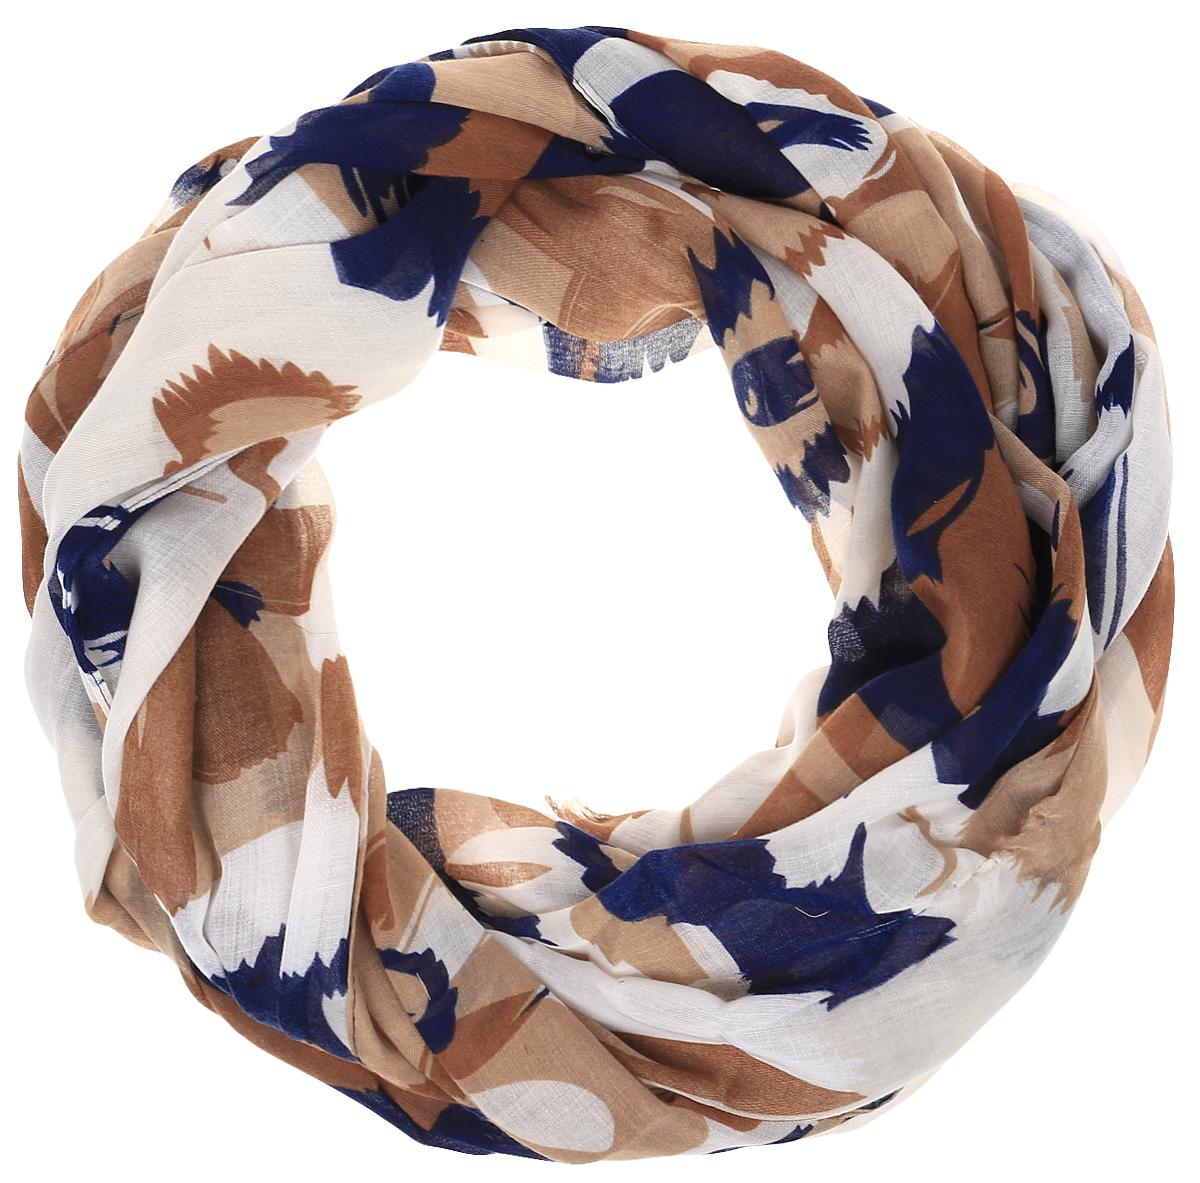 Палантин Sophie Ramage, цвет: коричневый, синий, молочный. HL-21670-16. Размер 70 см х 180 смHL-21670-16Элегантный палантин Sophie Ramage станет достойным завершением вашего образа. Палантин изготовлен из модала с добавлением высококачественной шерсти. Модель оформлена стильным цветочным принтом. Палантин красиво драпируется, он превосходно дополнит любой наряд и подчеркнет ваш изысканный вкус. Легкий и изящный палантин привнесет в ваш образ утонченность и шарм.